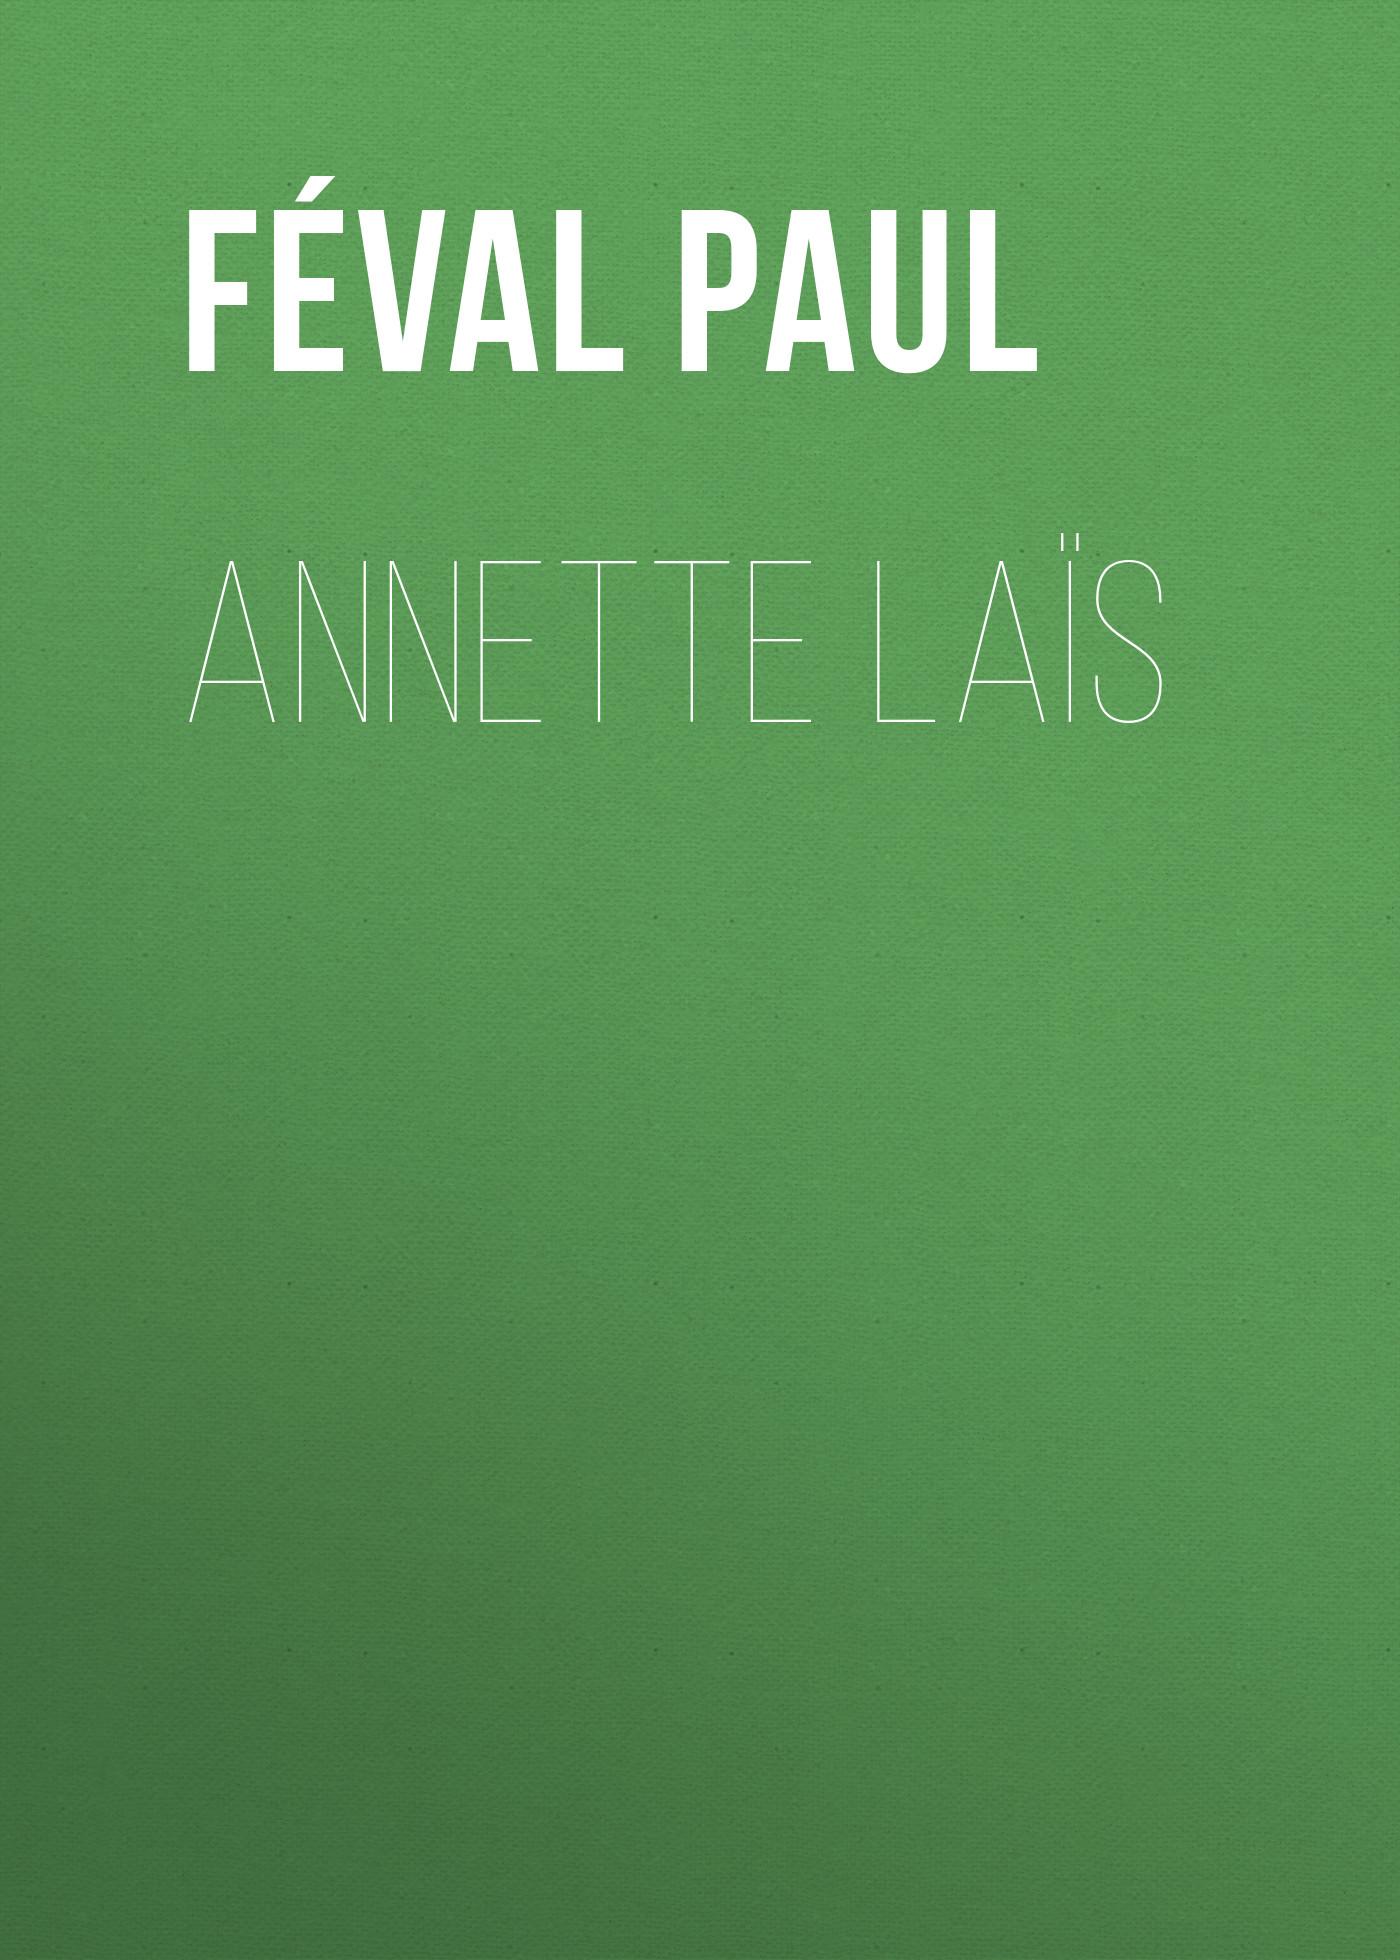 Féval Paul Annette Laïs féval paul la fabrique de mariages vol iii